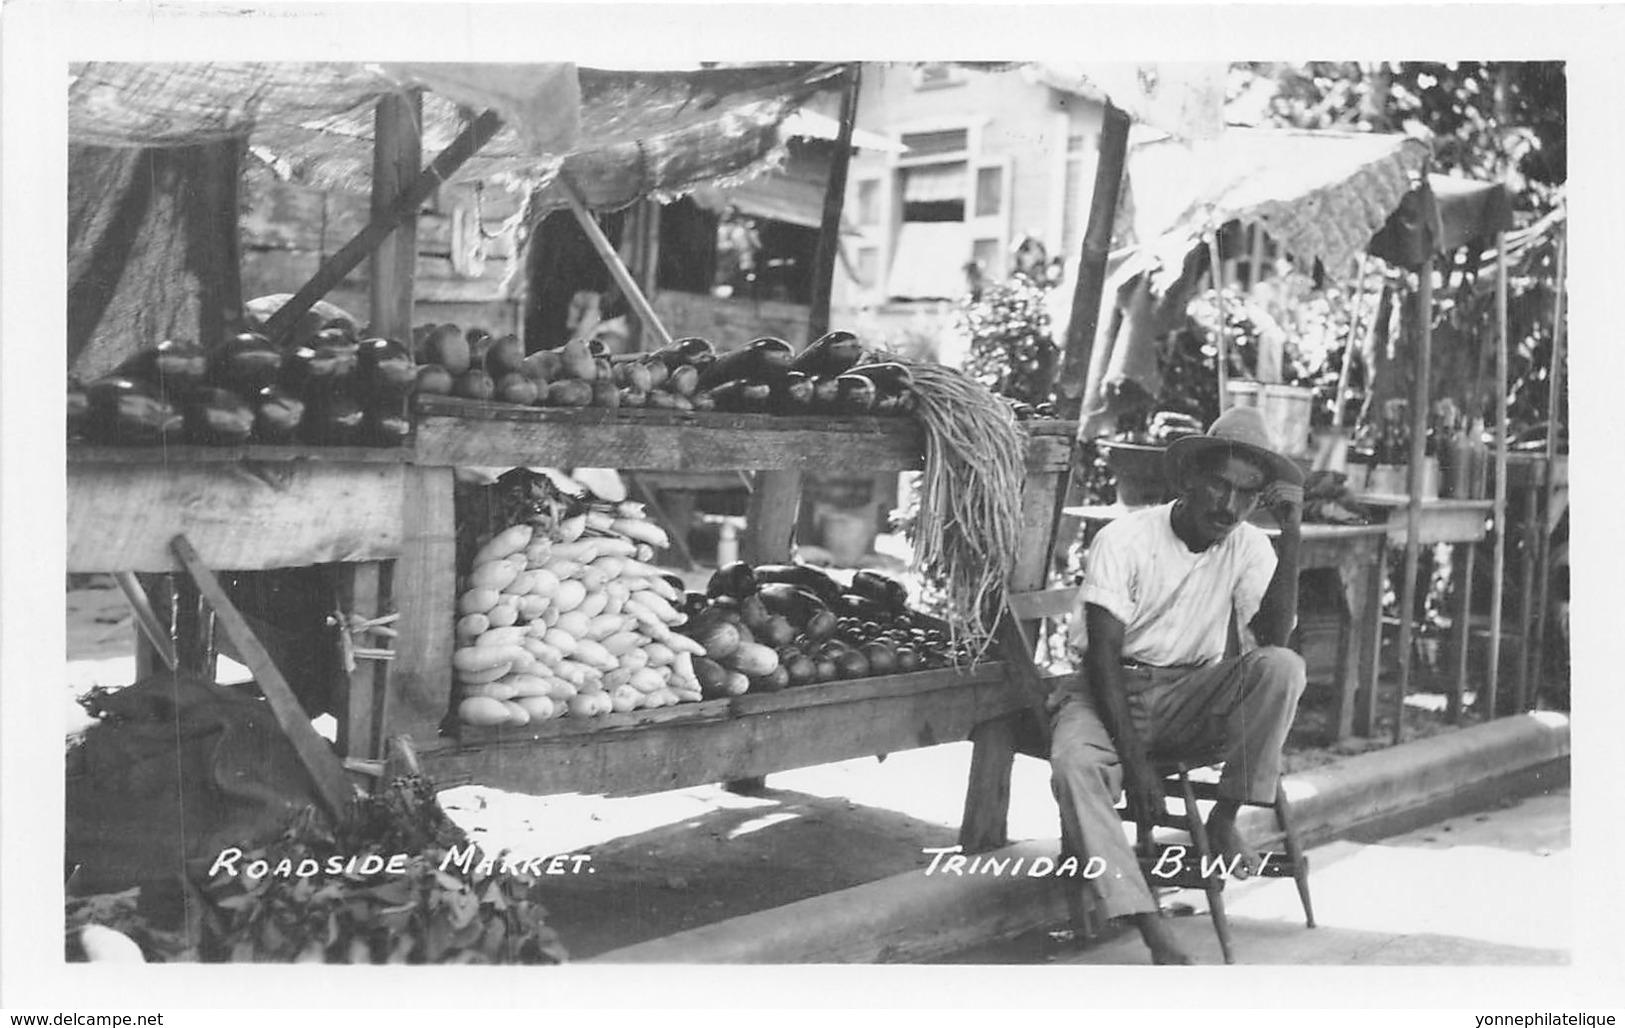 Trinidad - Ethnic / 10 - Roadside Market - Trinidad